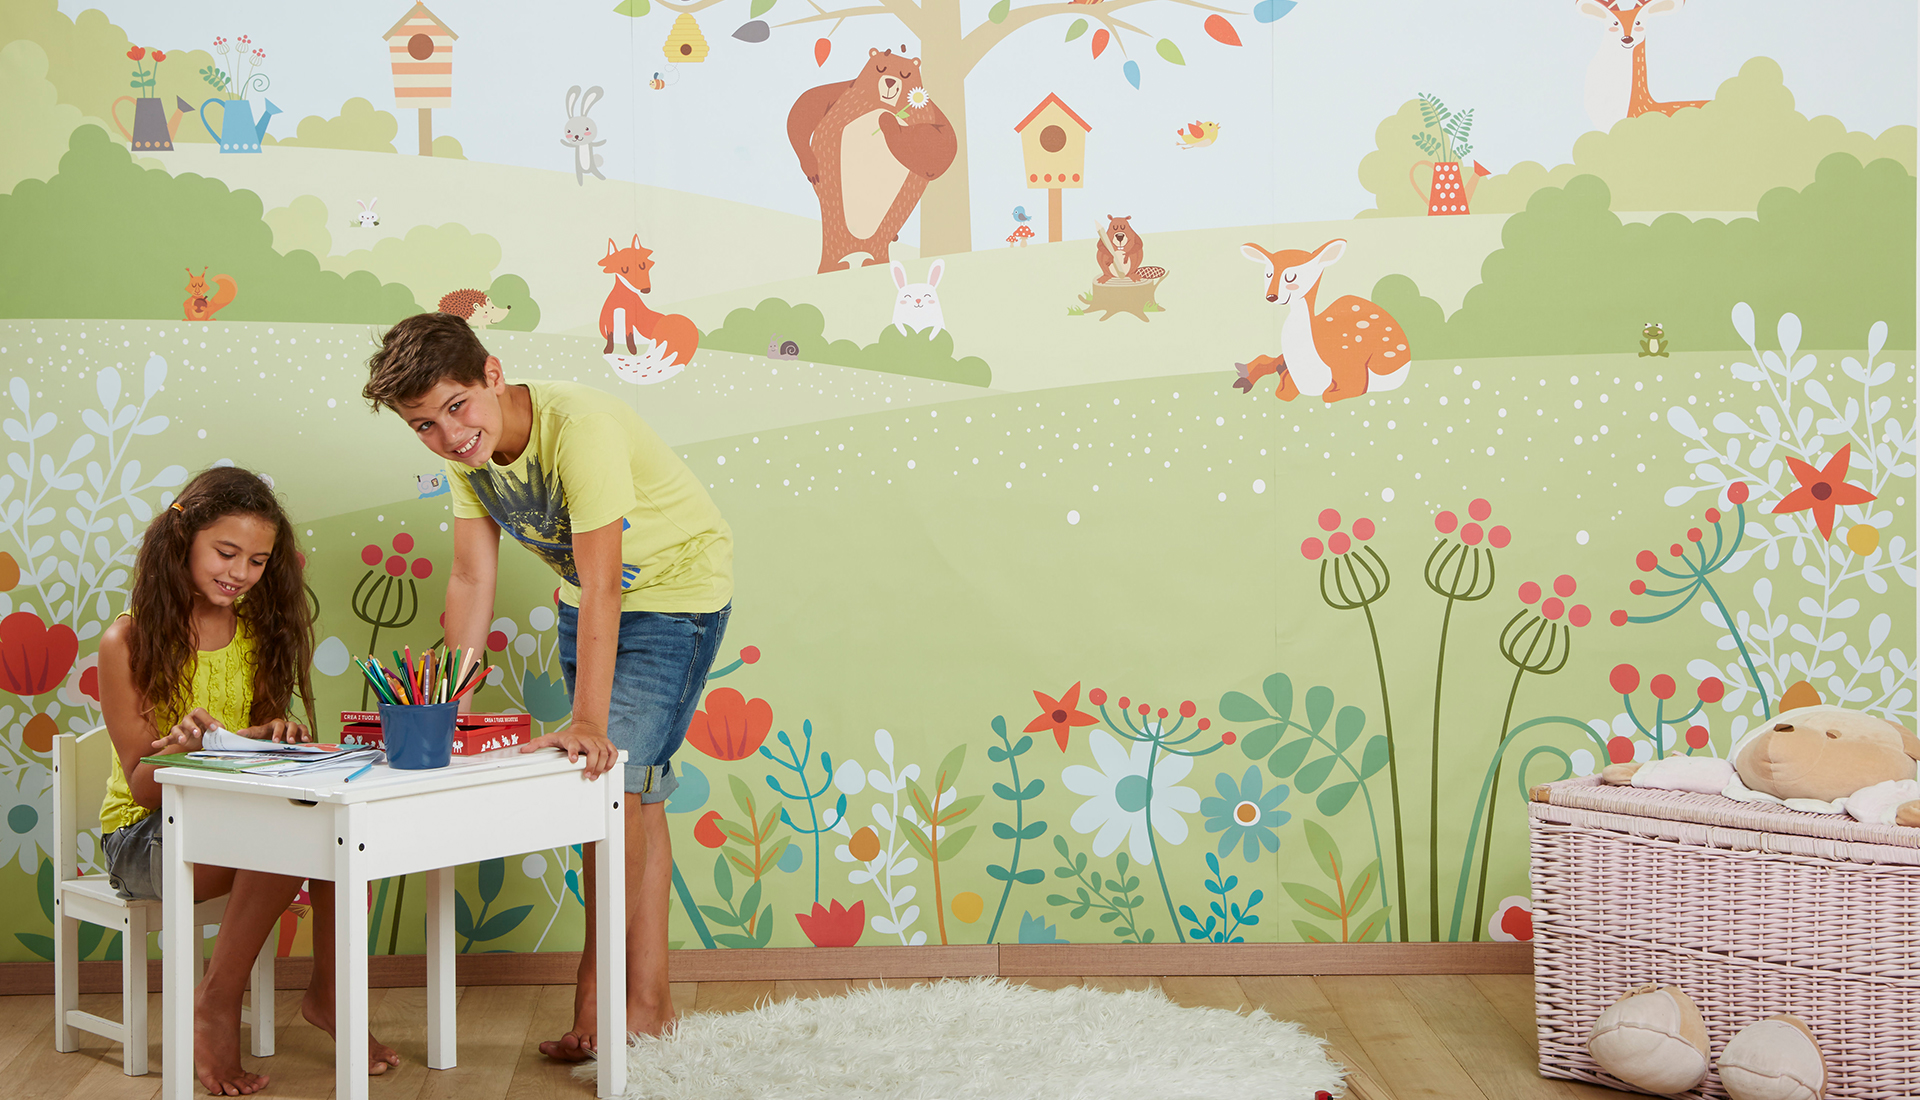 foto decorazione per pareti da parete disegni casa PROVO 16 bacheche autoadesive fai da te per ufficio mini pin con 50 puntine per foto camera da letto dei bambini